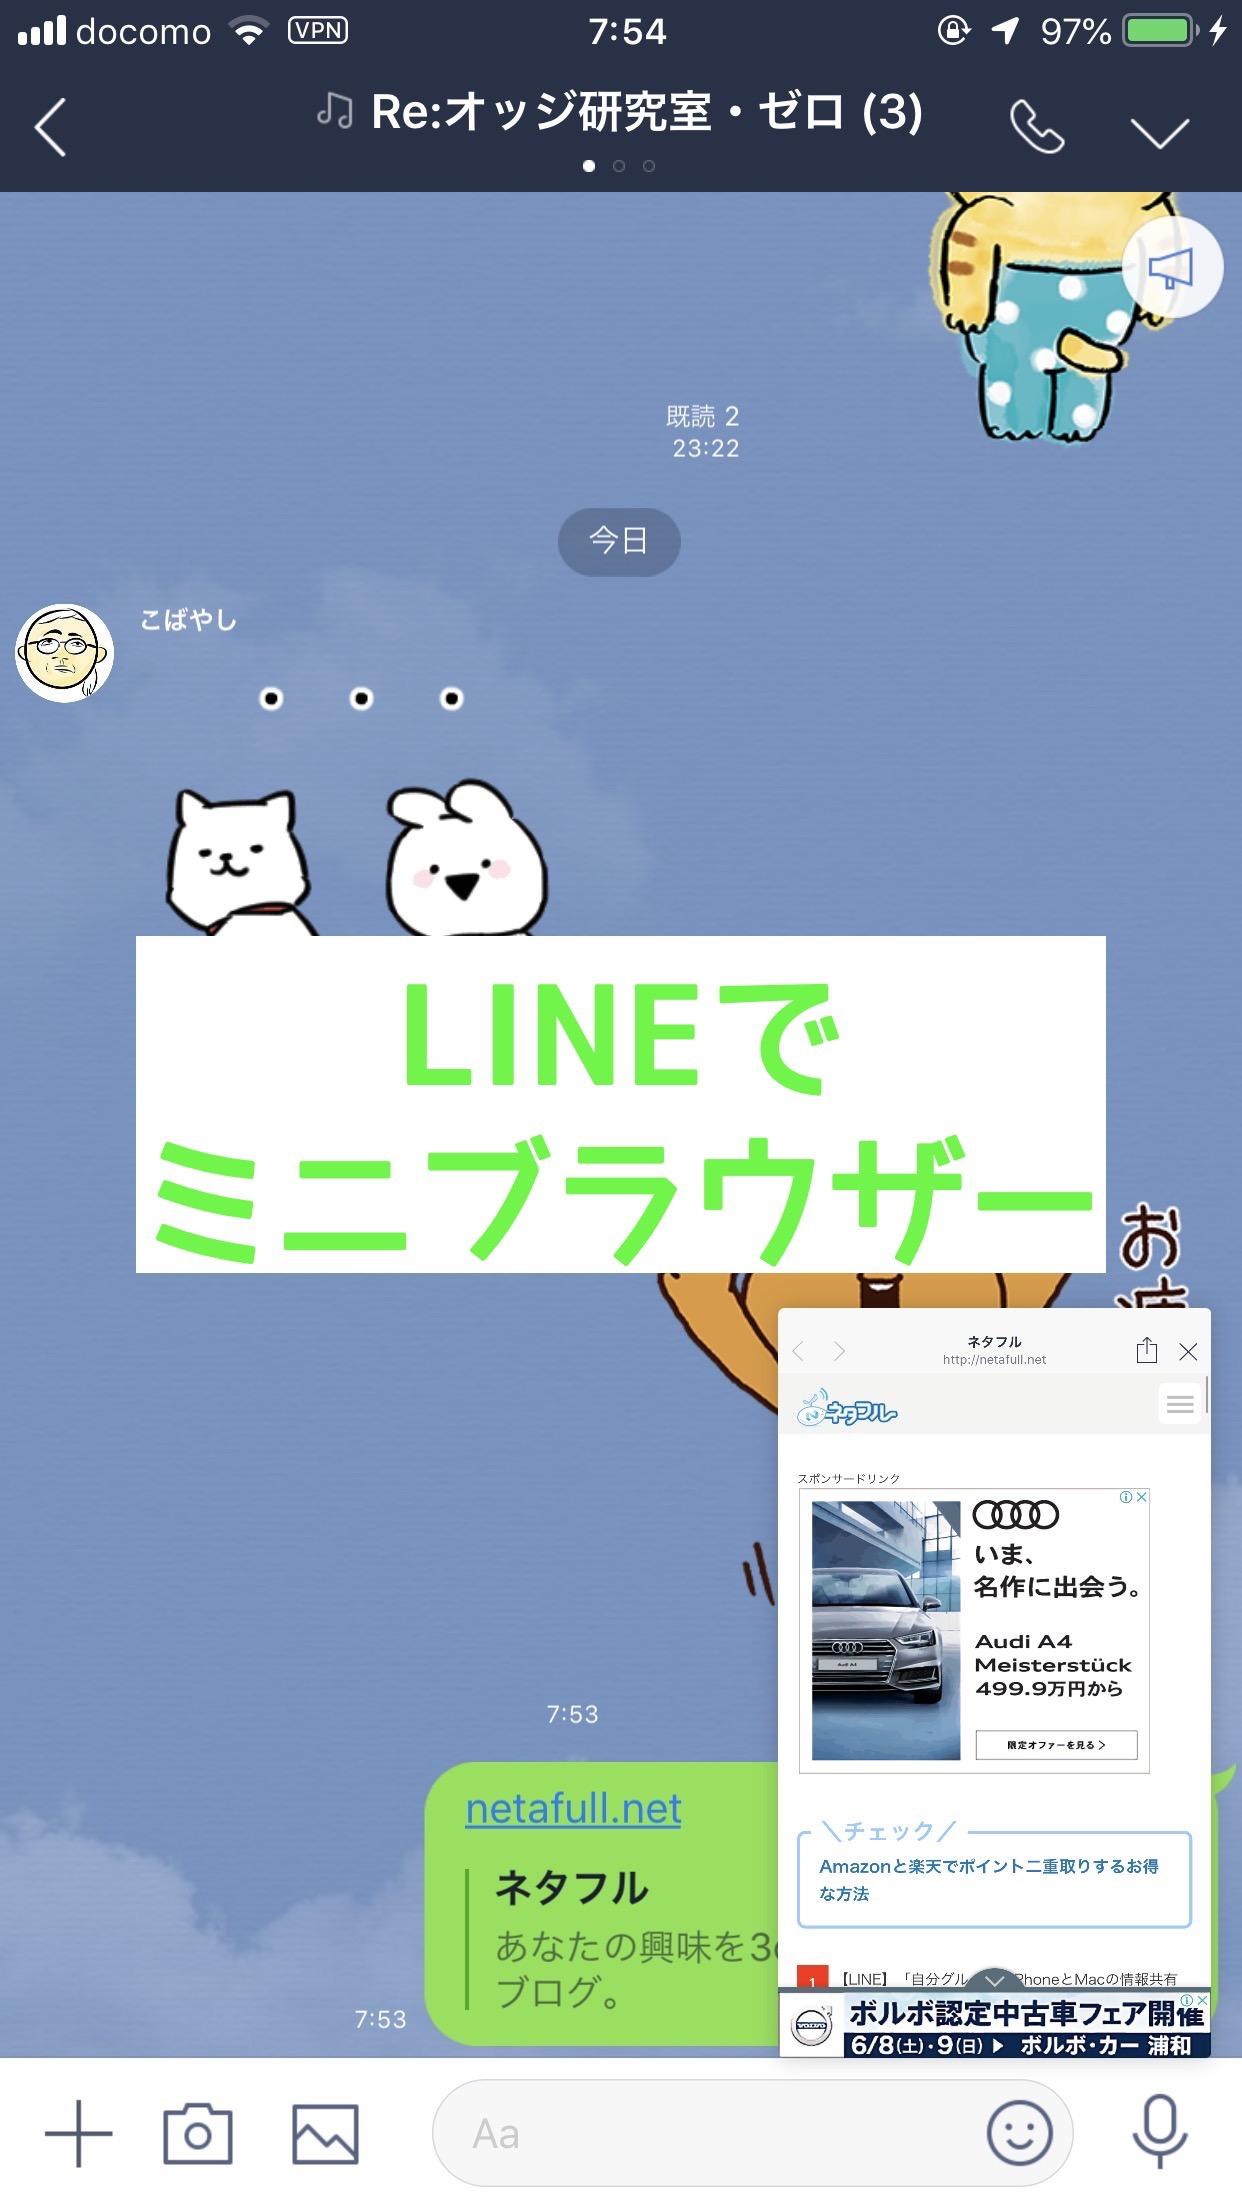 【LINEラボ】「LINE」のトーク画面でミニブラウザーが利用可能に